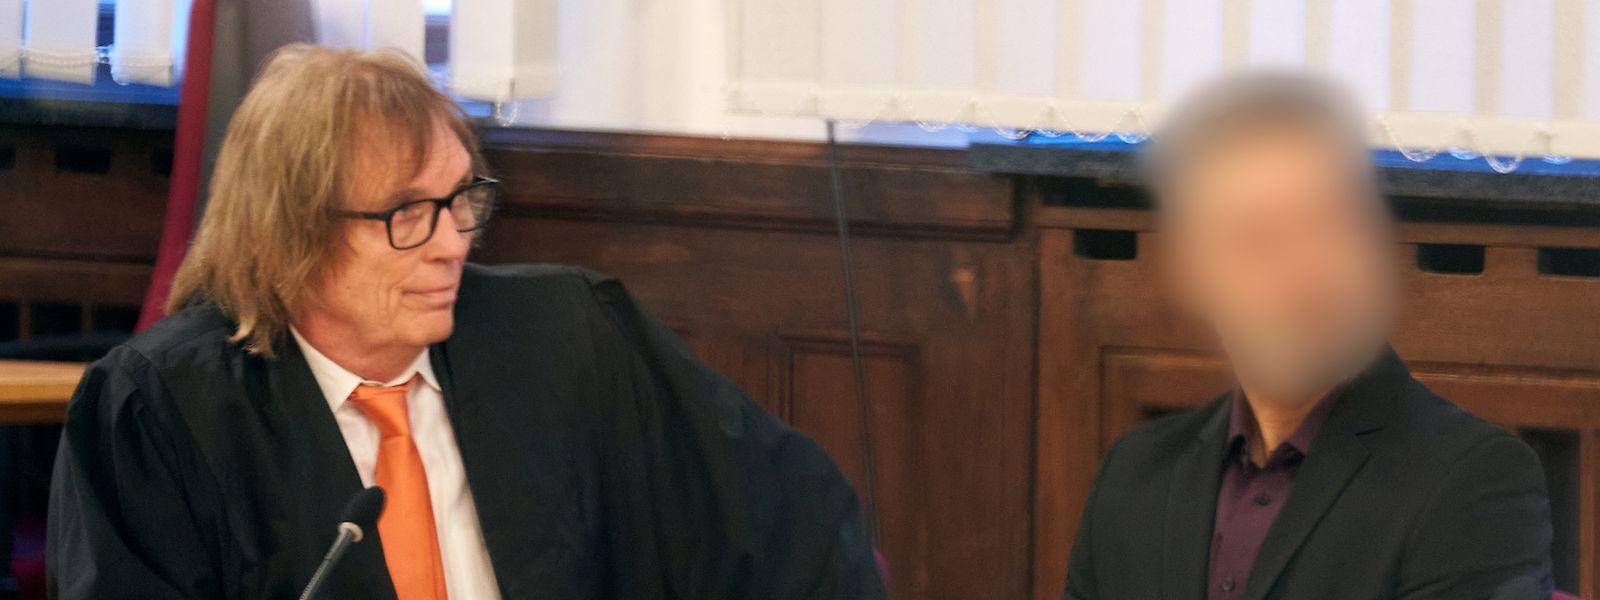 Der 51-jährige Deutsch-Afghane (r.) mit seinem Anwalt im Saal des Oberlandesgerichts in Koblenz.